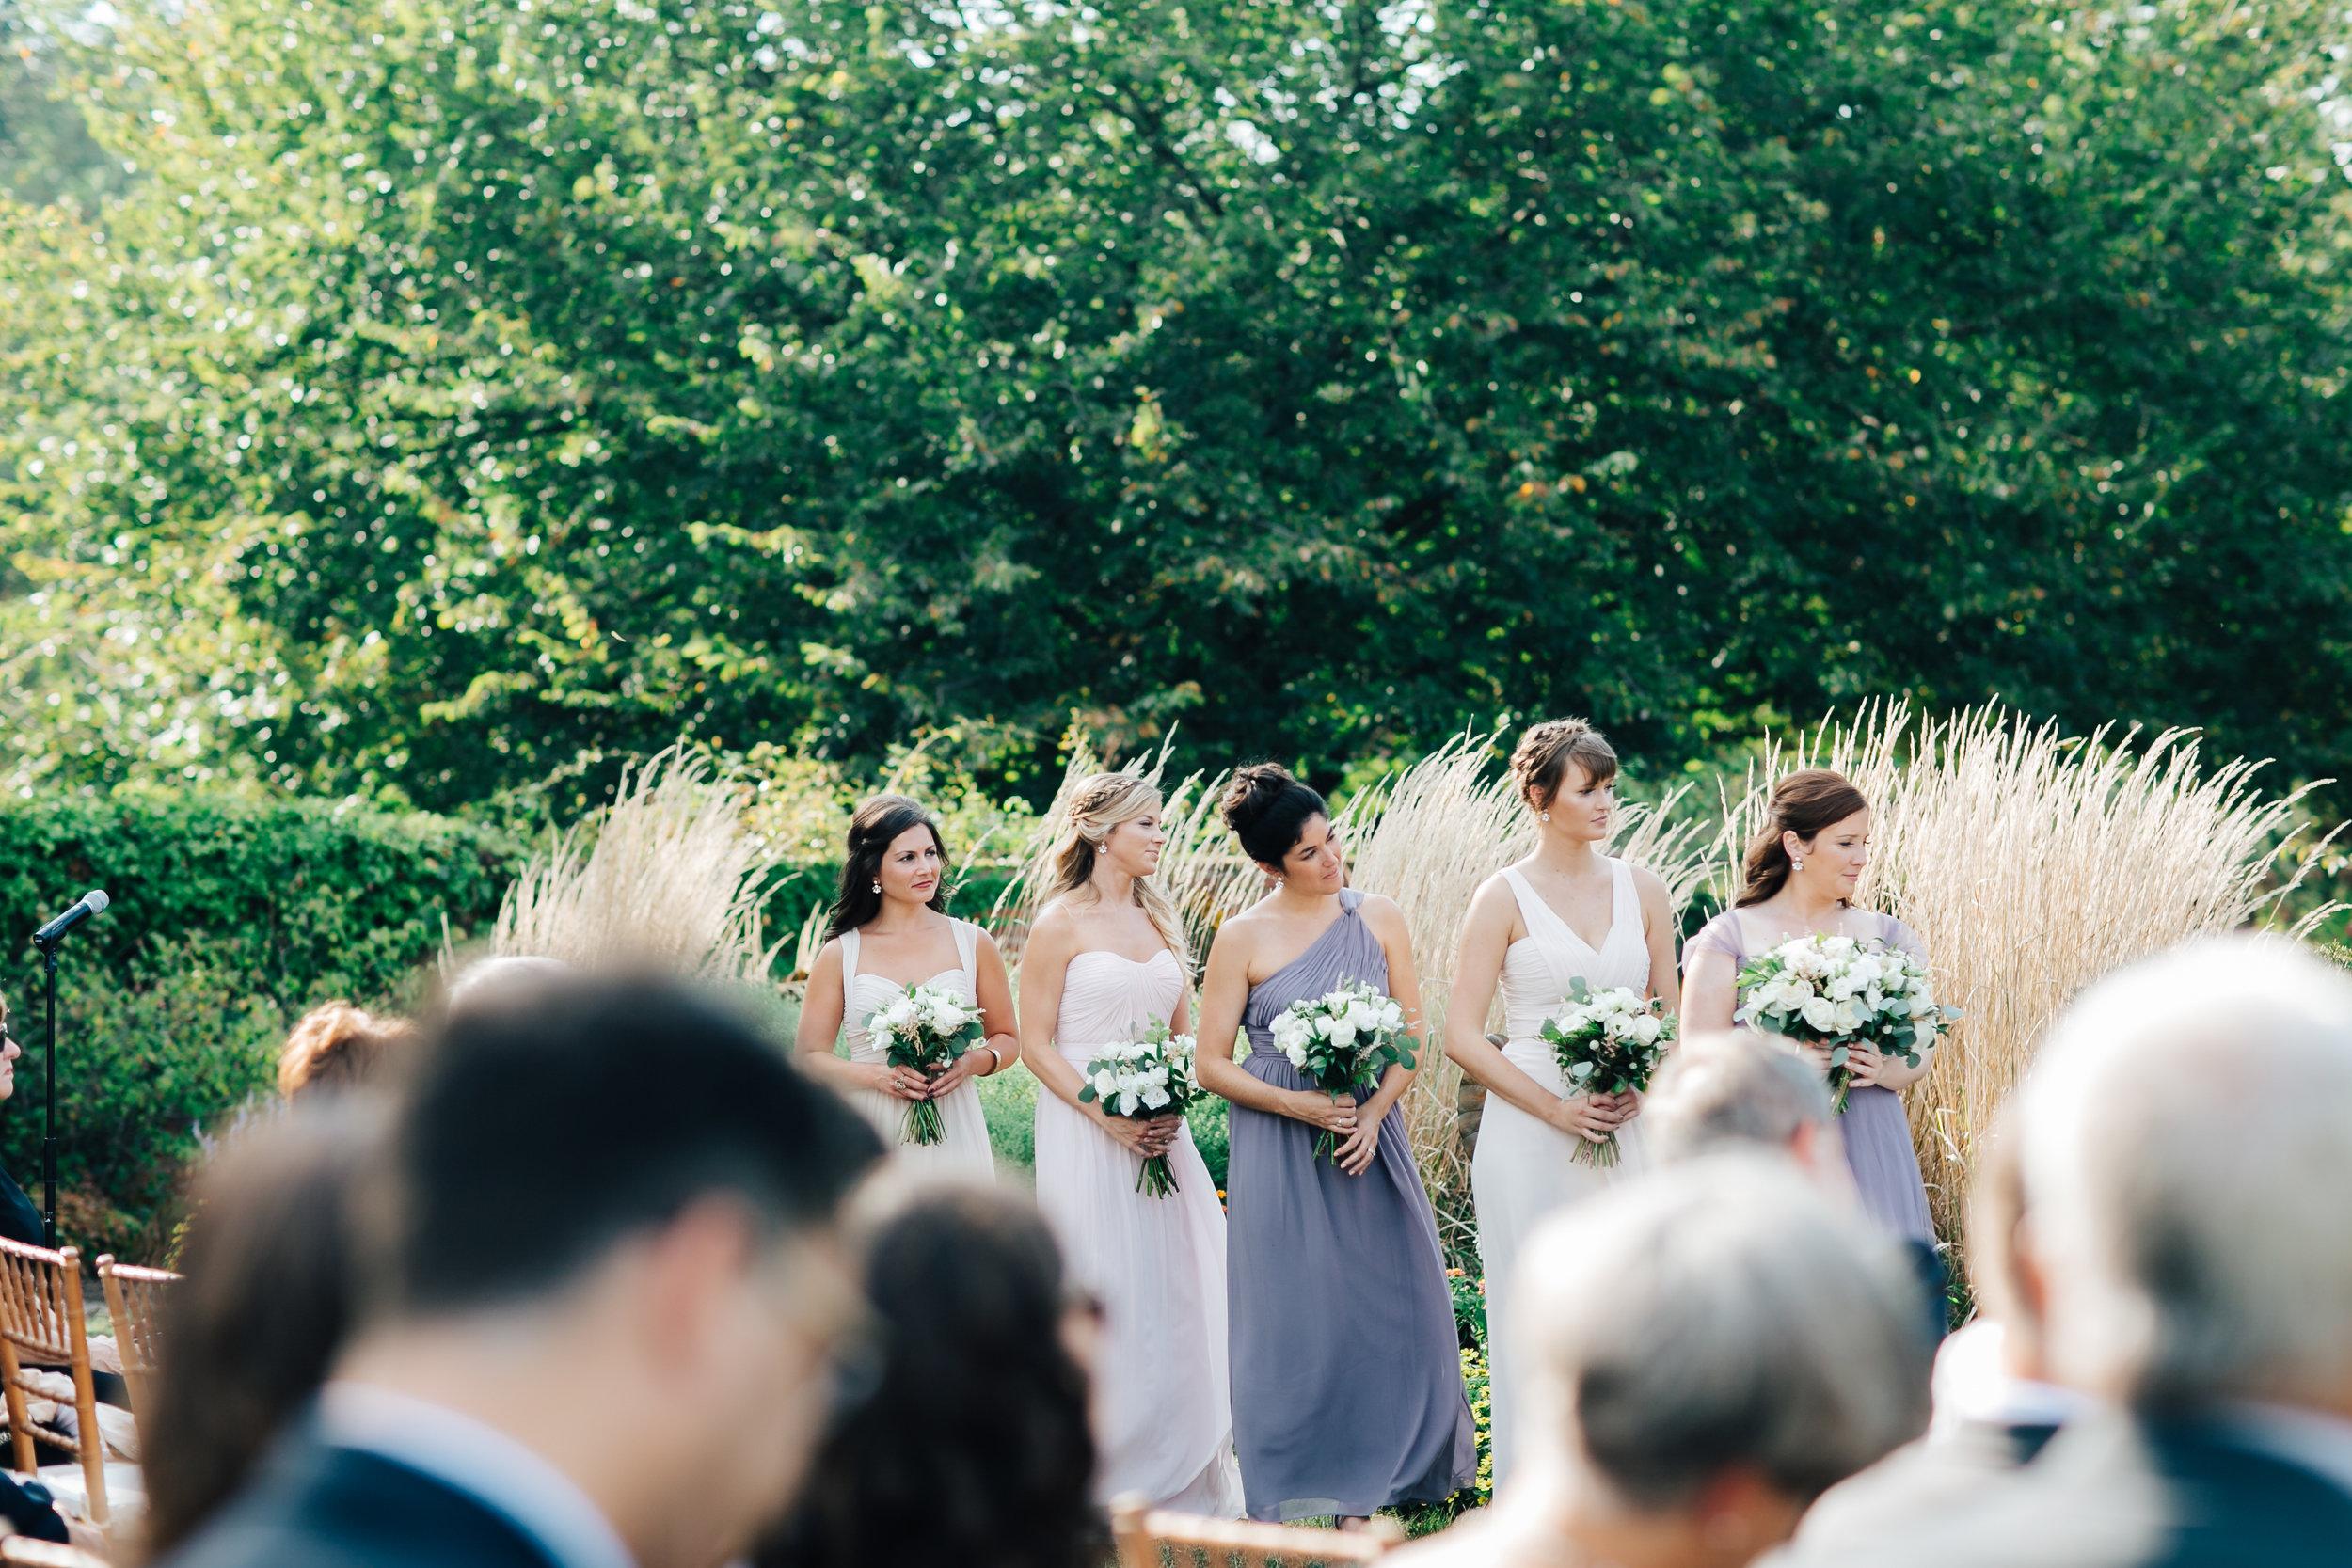 0559_megan_beth_dawson_river_farms_wedding.jpg